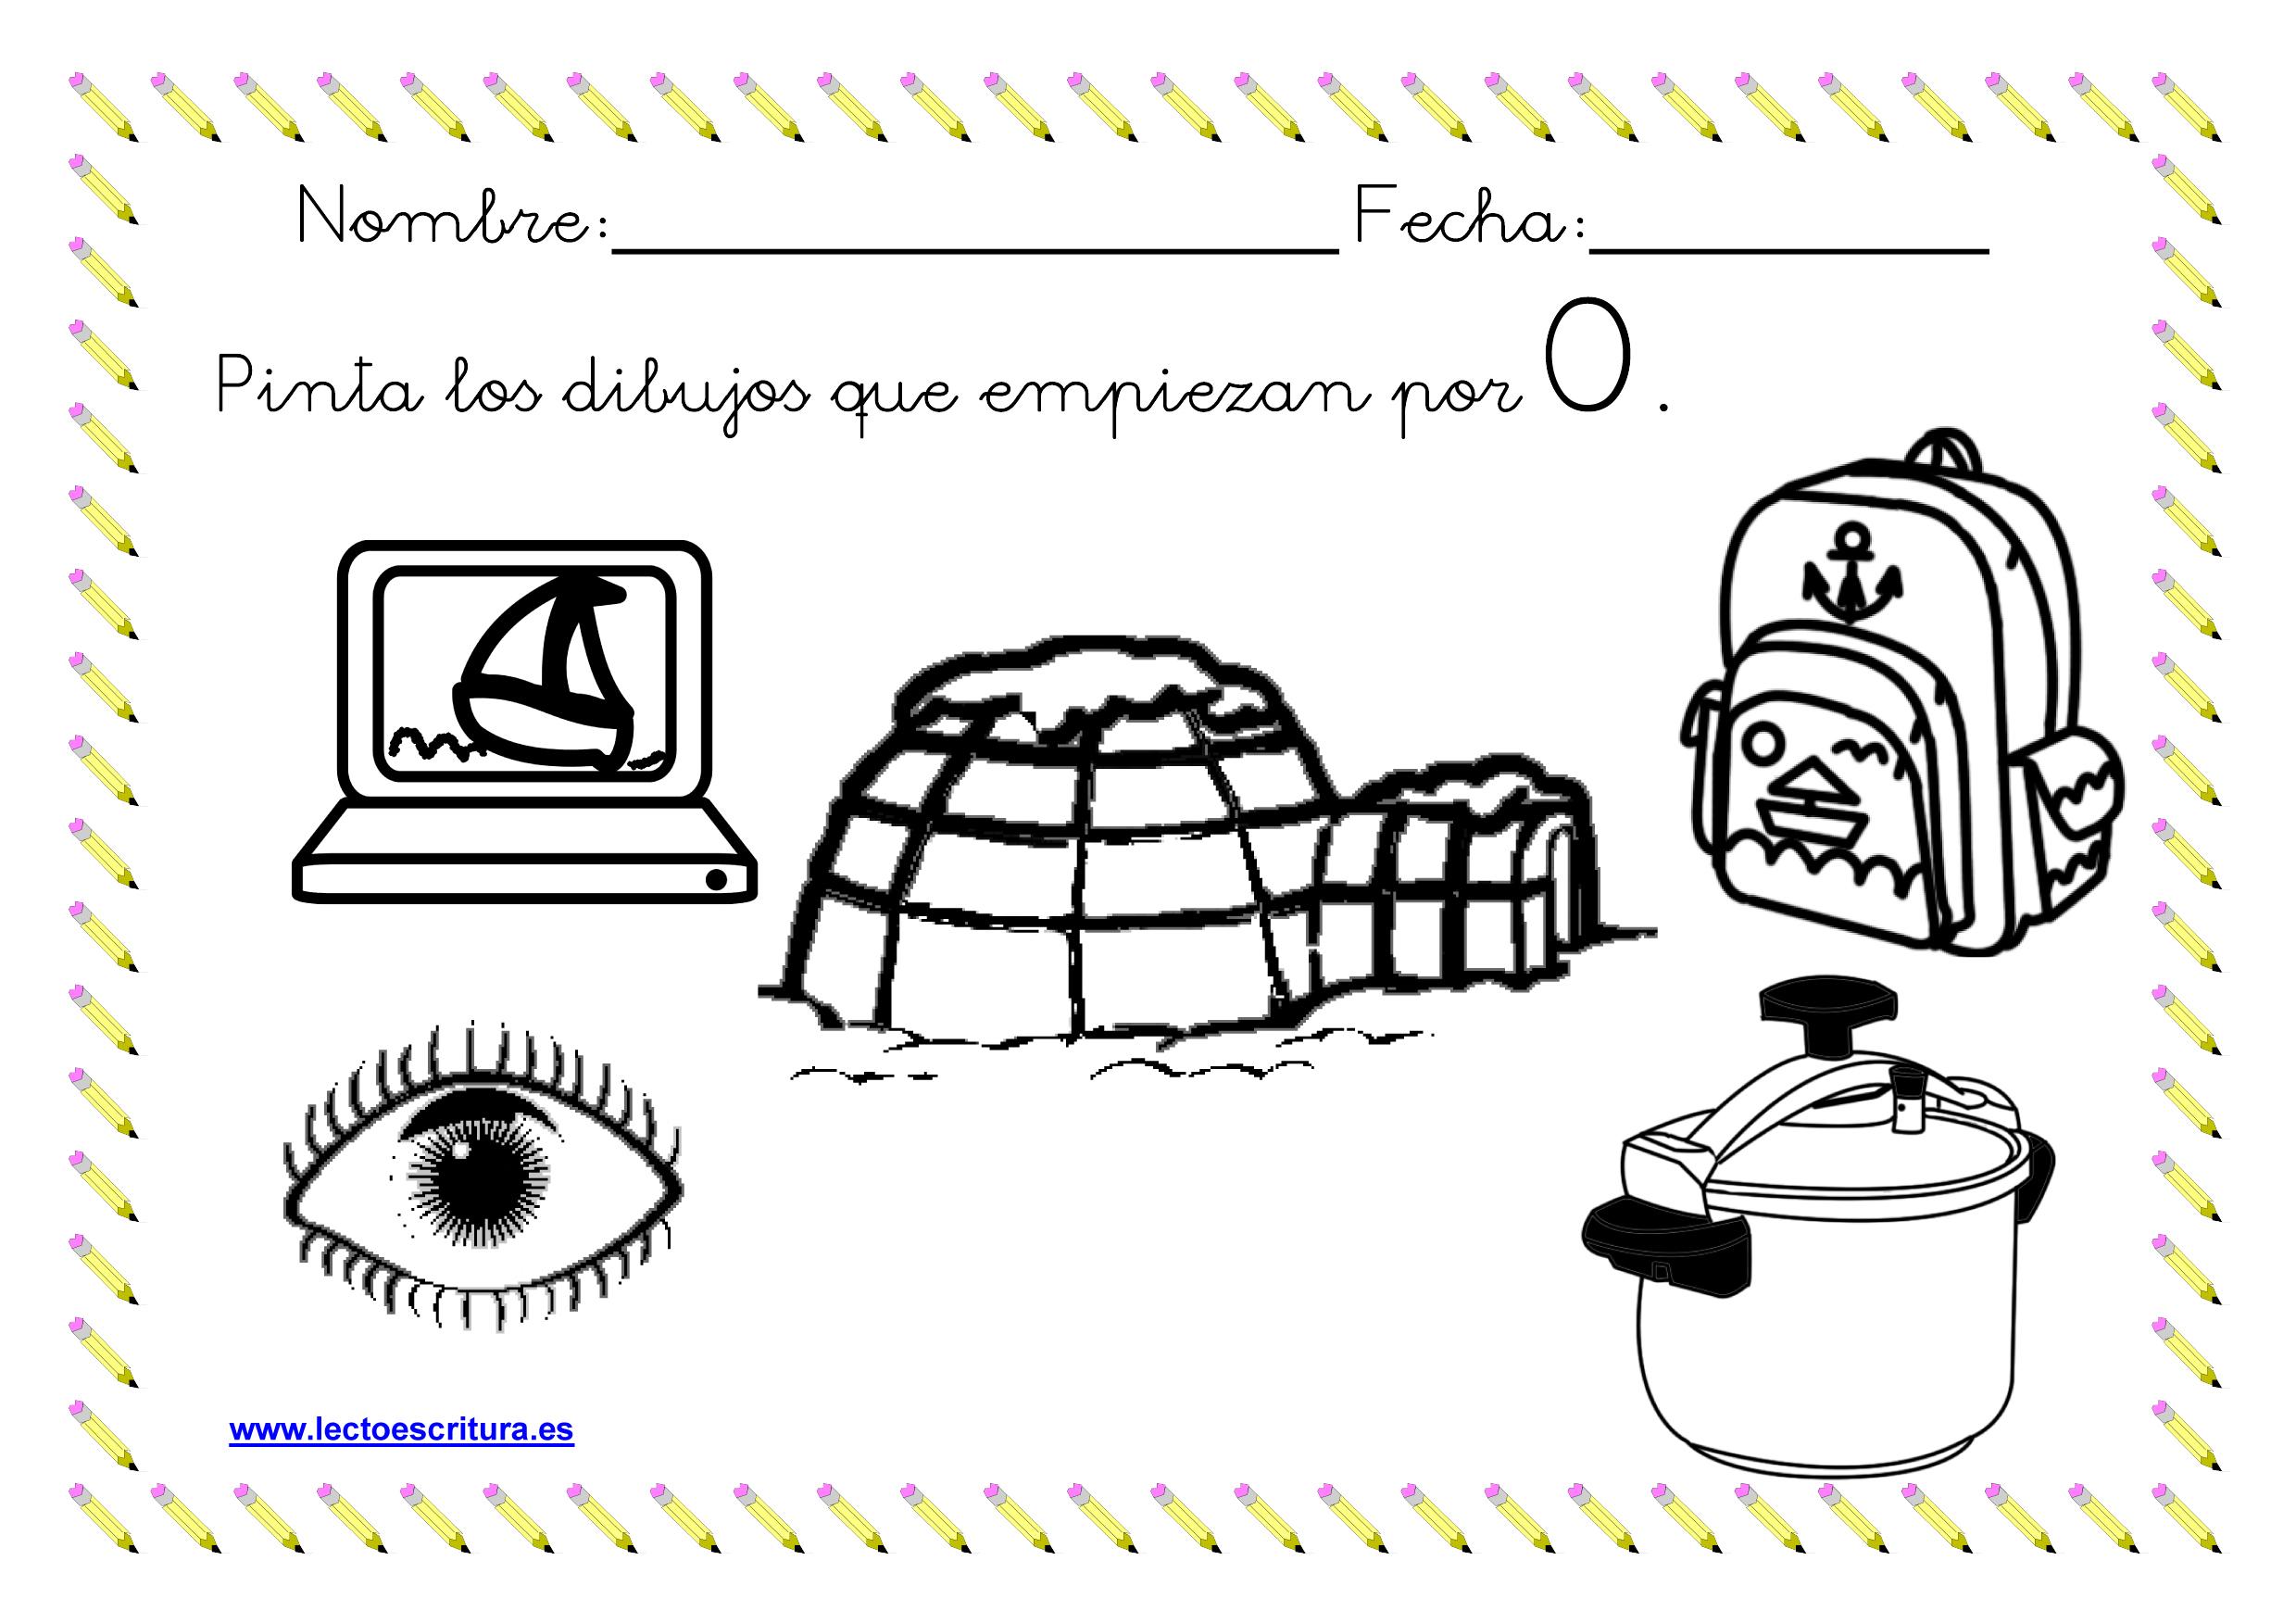 Fichas de colorear dibujos que empiezan por una letra